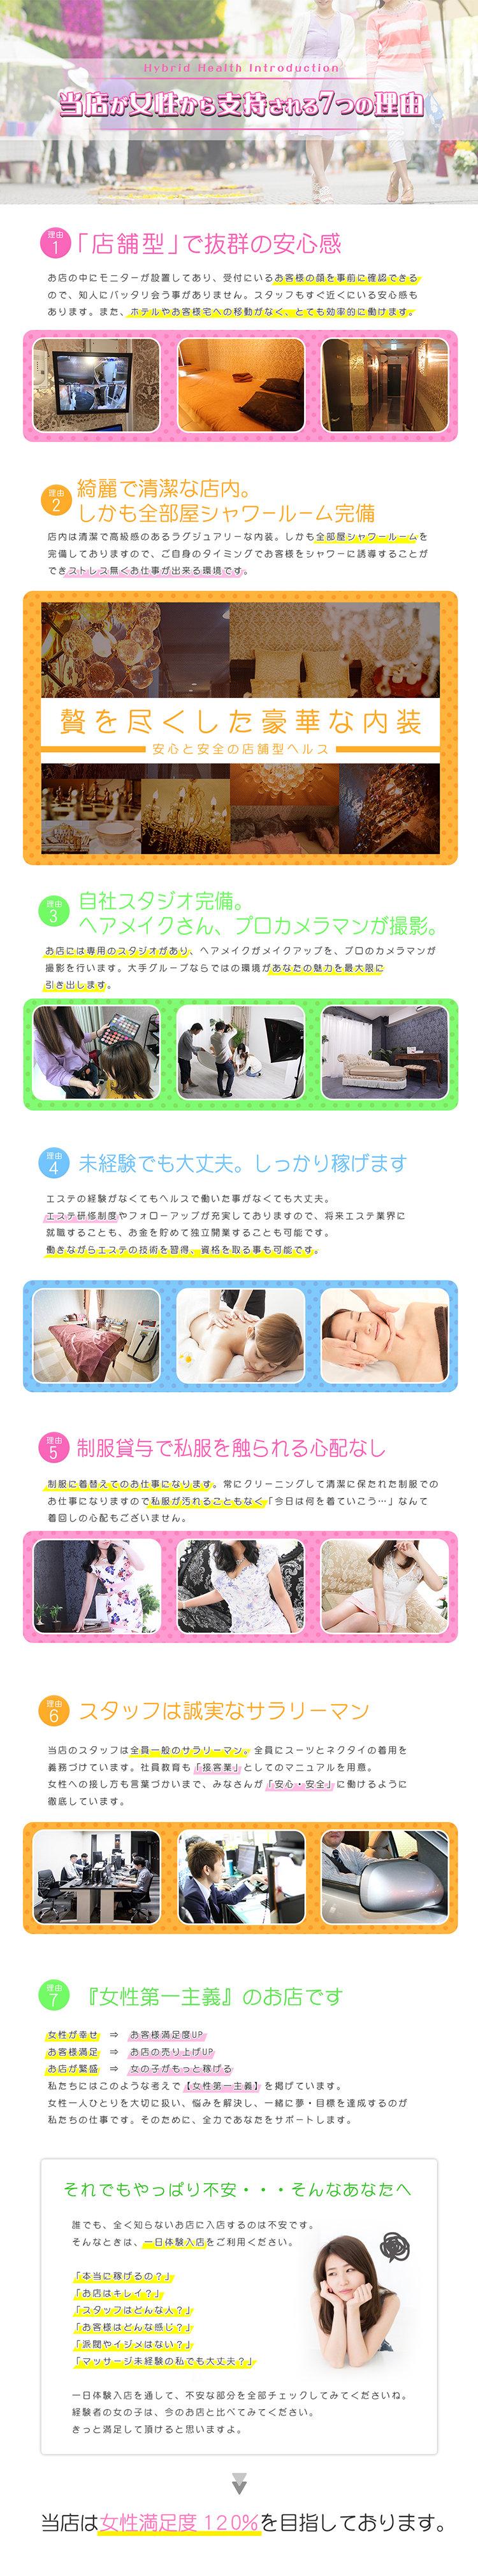 005_西川口デザイン_当店が女性から支持される6つの理由